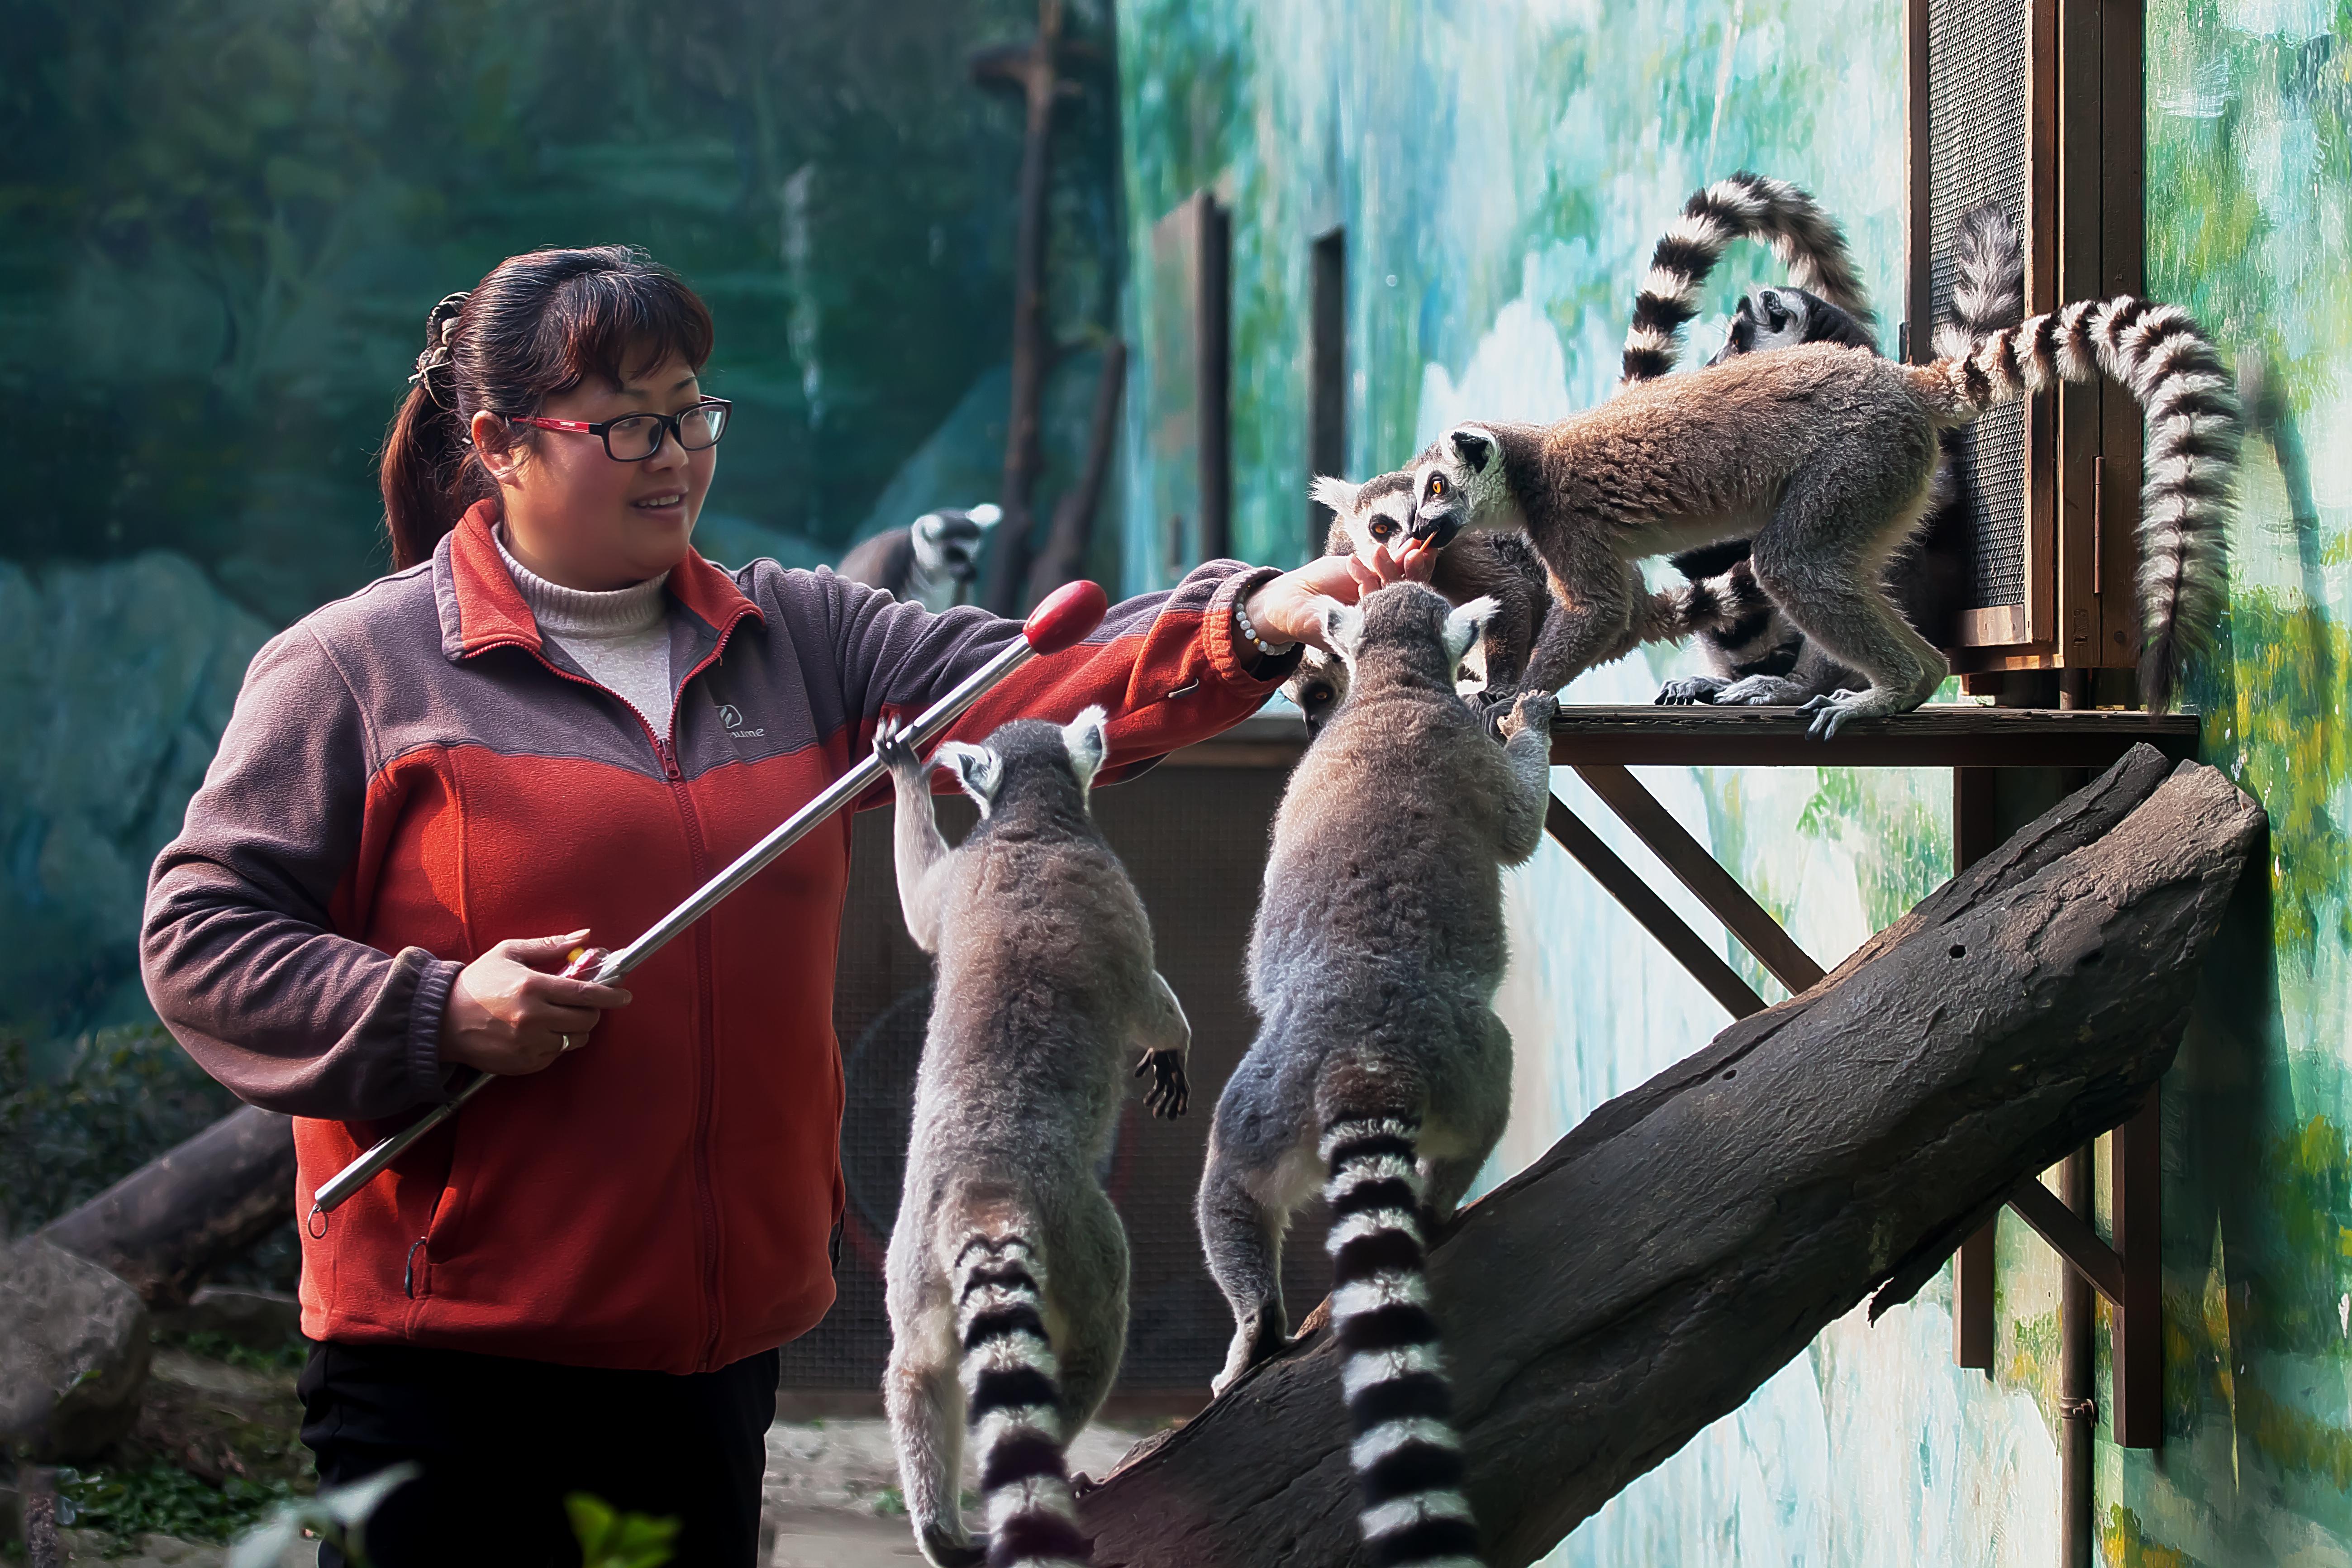 饲养员鄢萍正在训练环尾狐猴.jpg